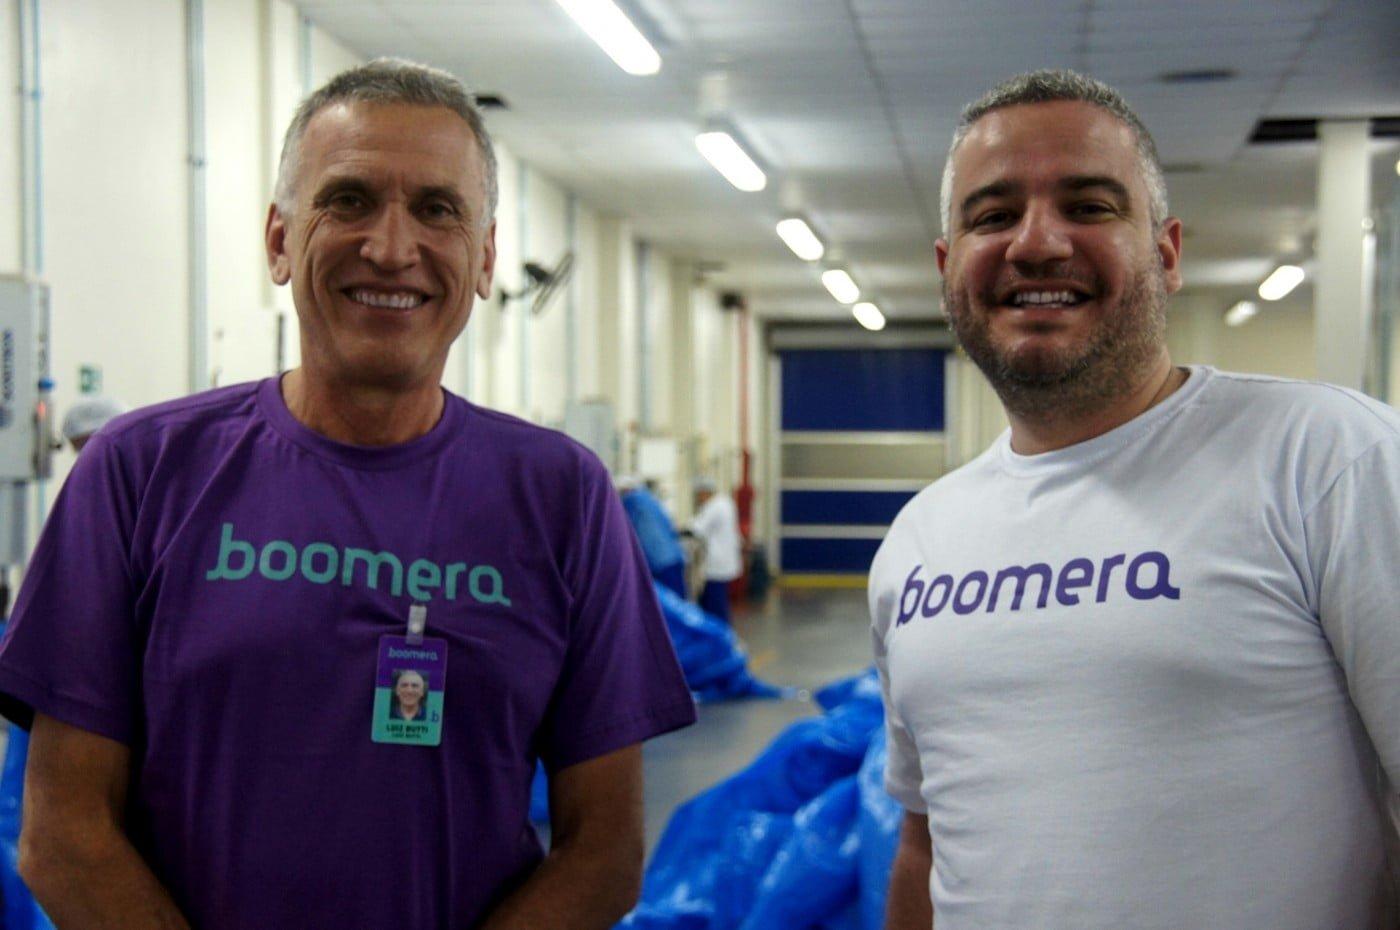 Luiz Butti, que desistiu da aposentadoria para empreender na Boomera, ao lado do fundador Guilherme Brammer.